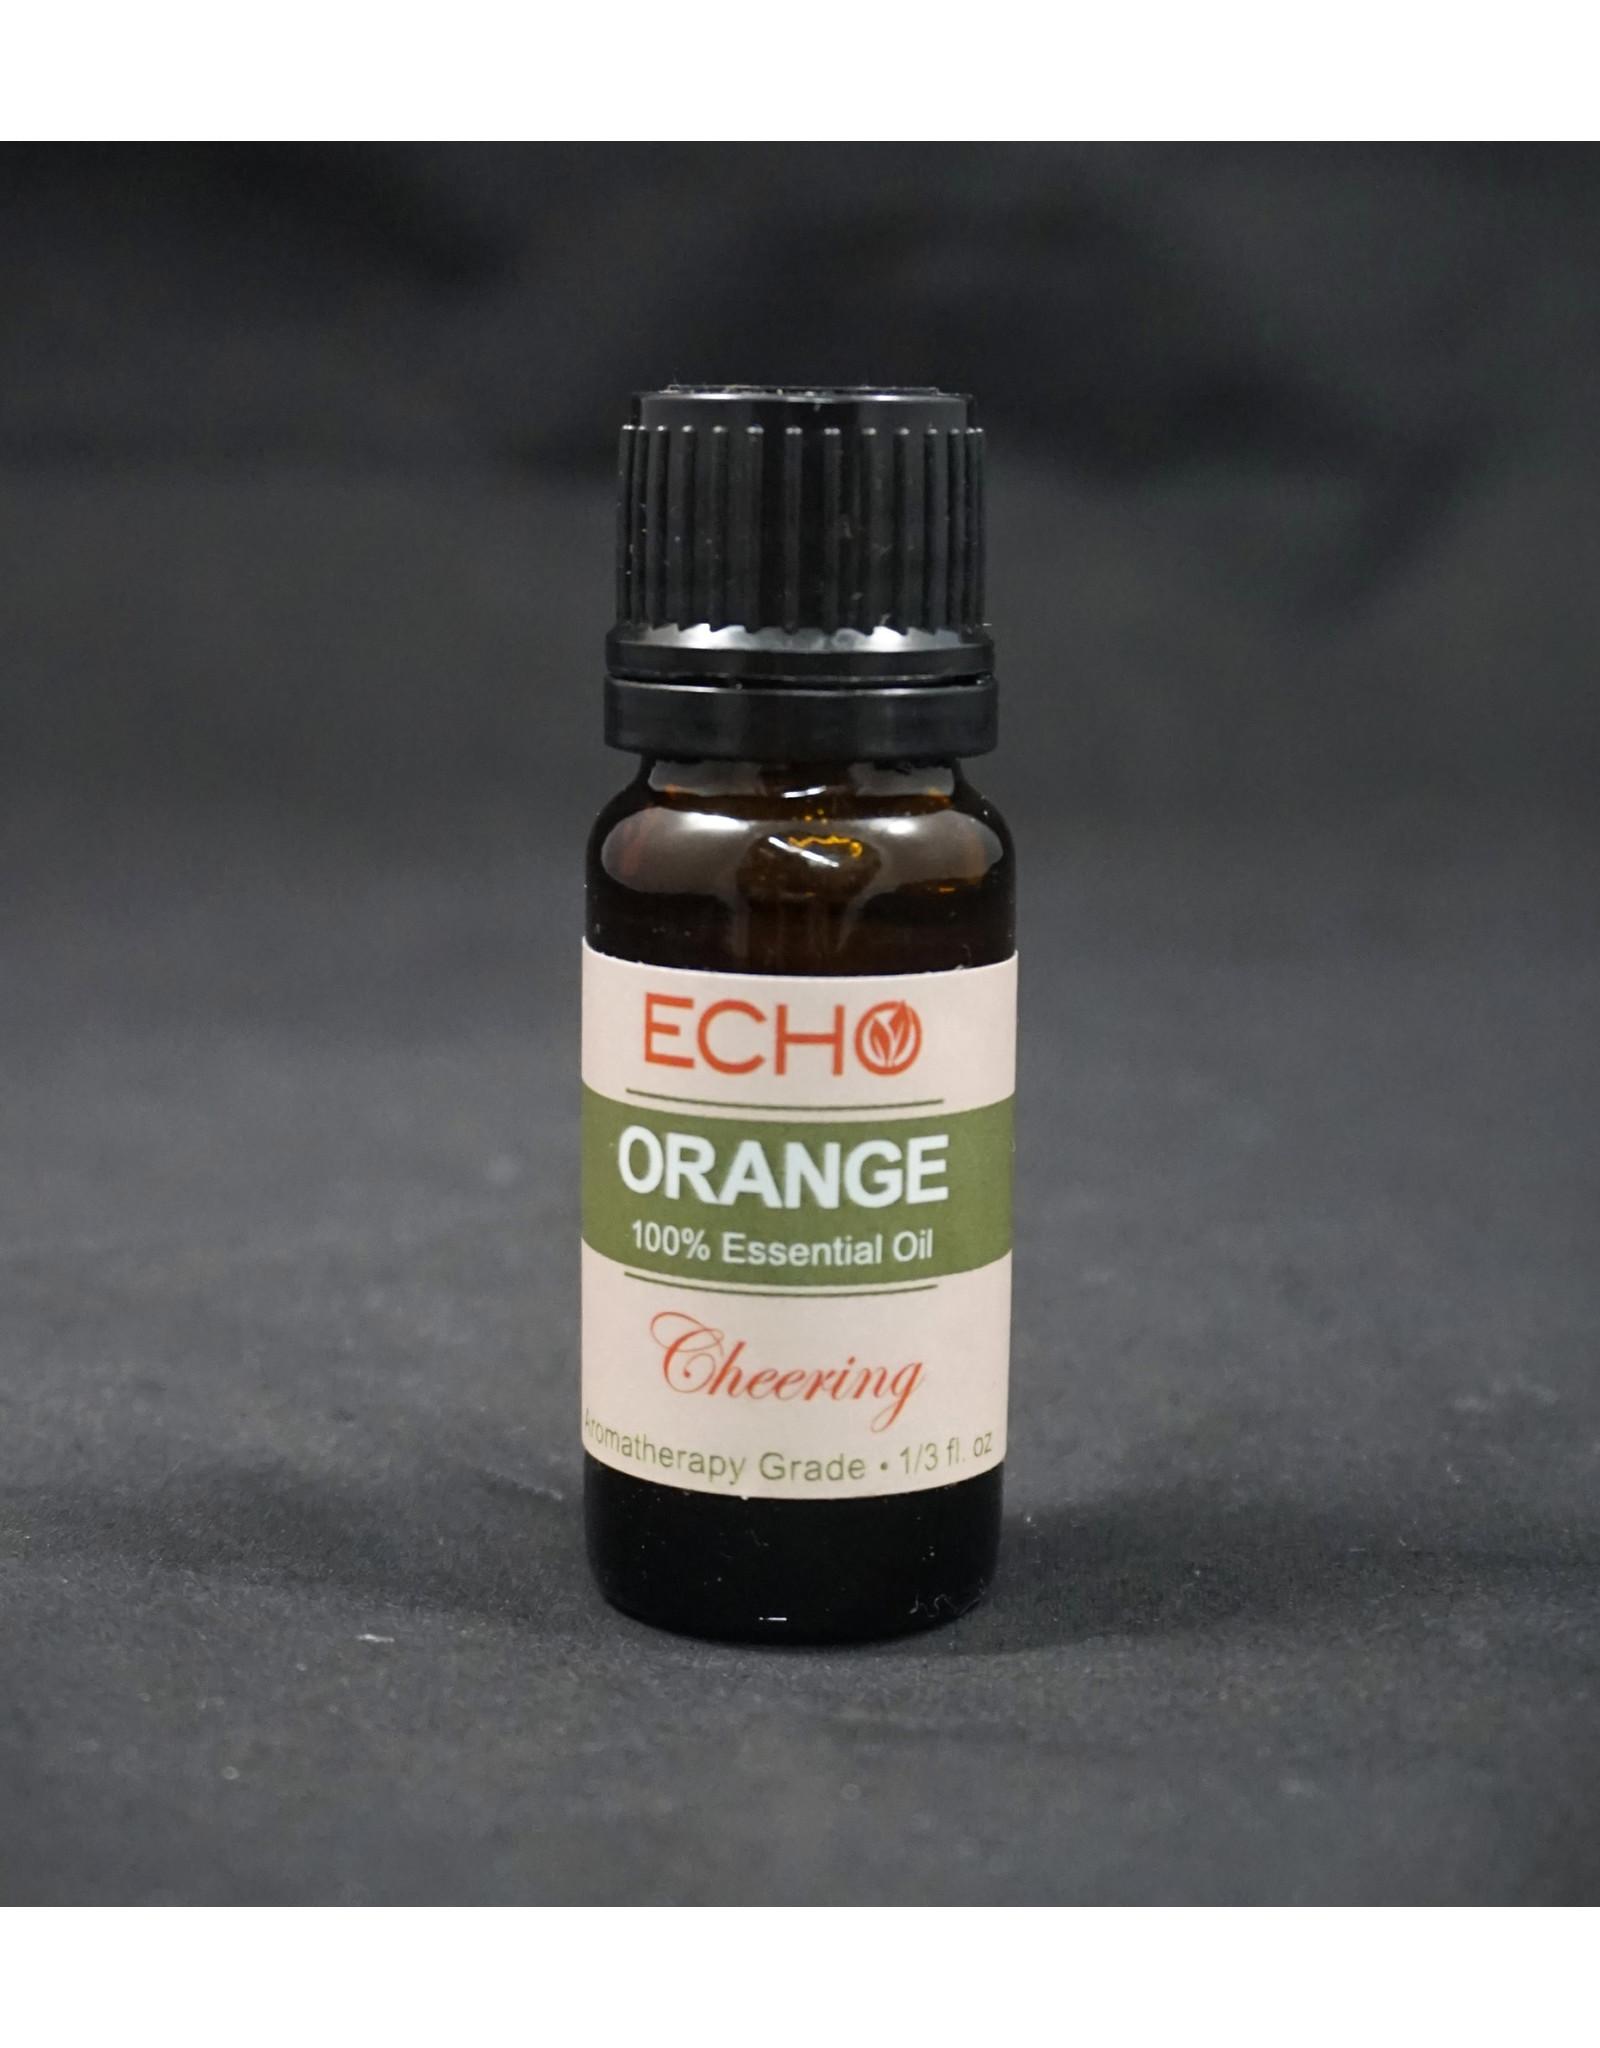 Echo Essential Oils - Orange